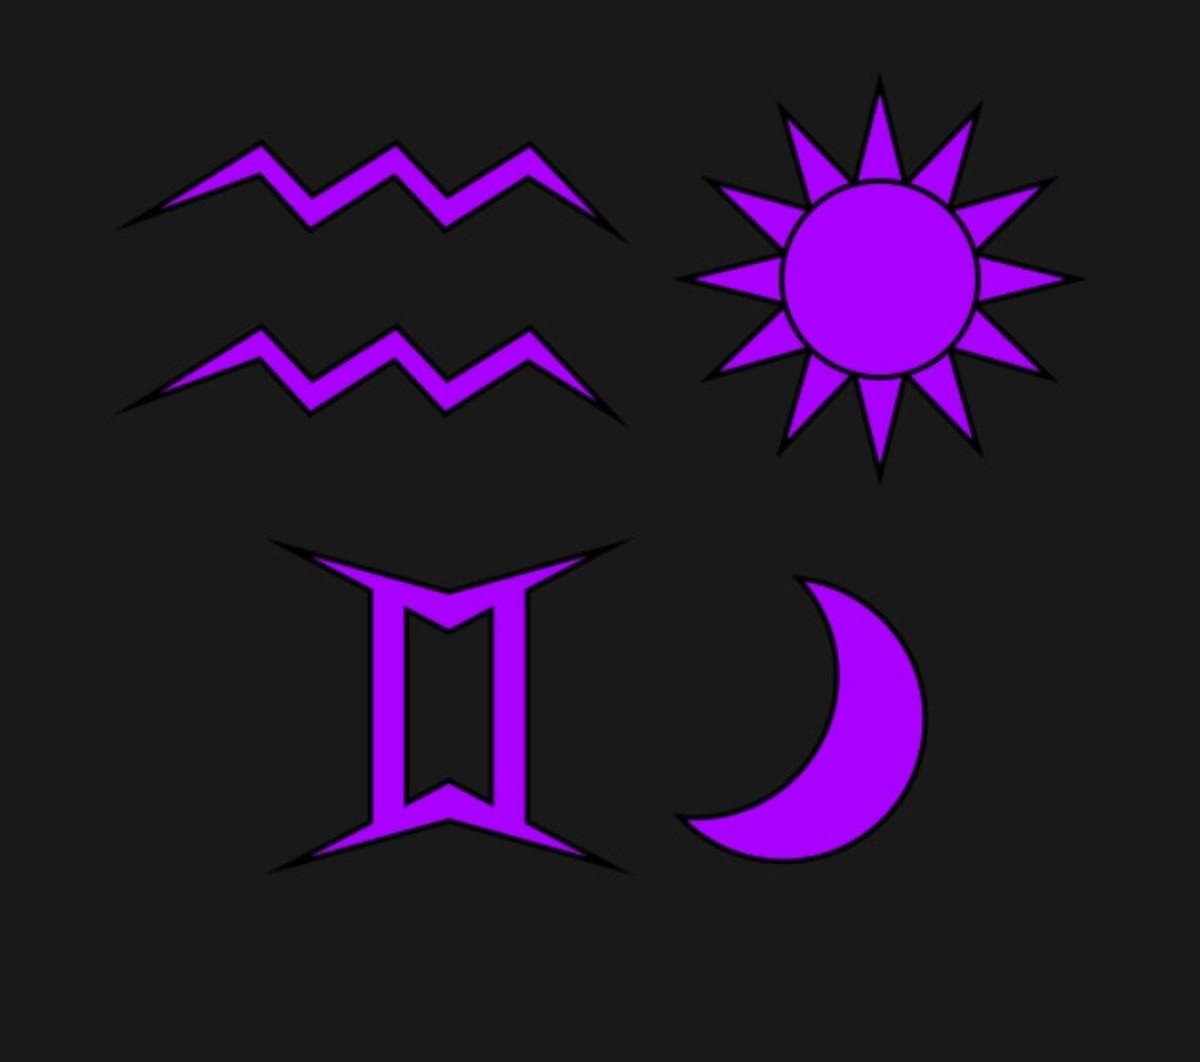 aquarius-sun-gemini-moon-woman